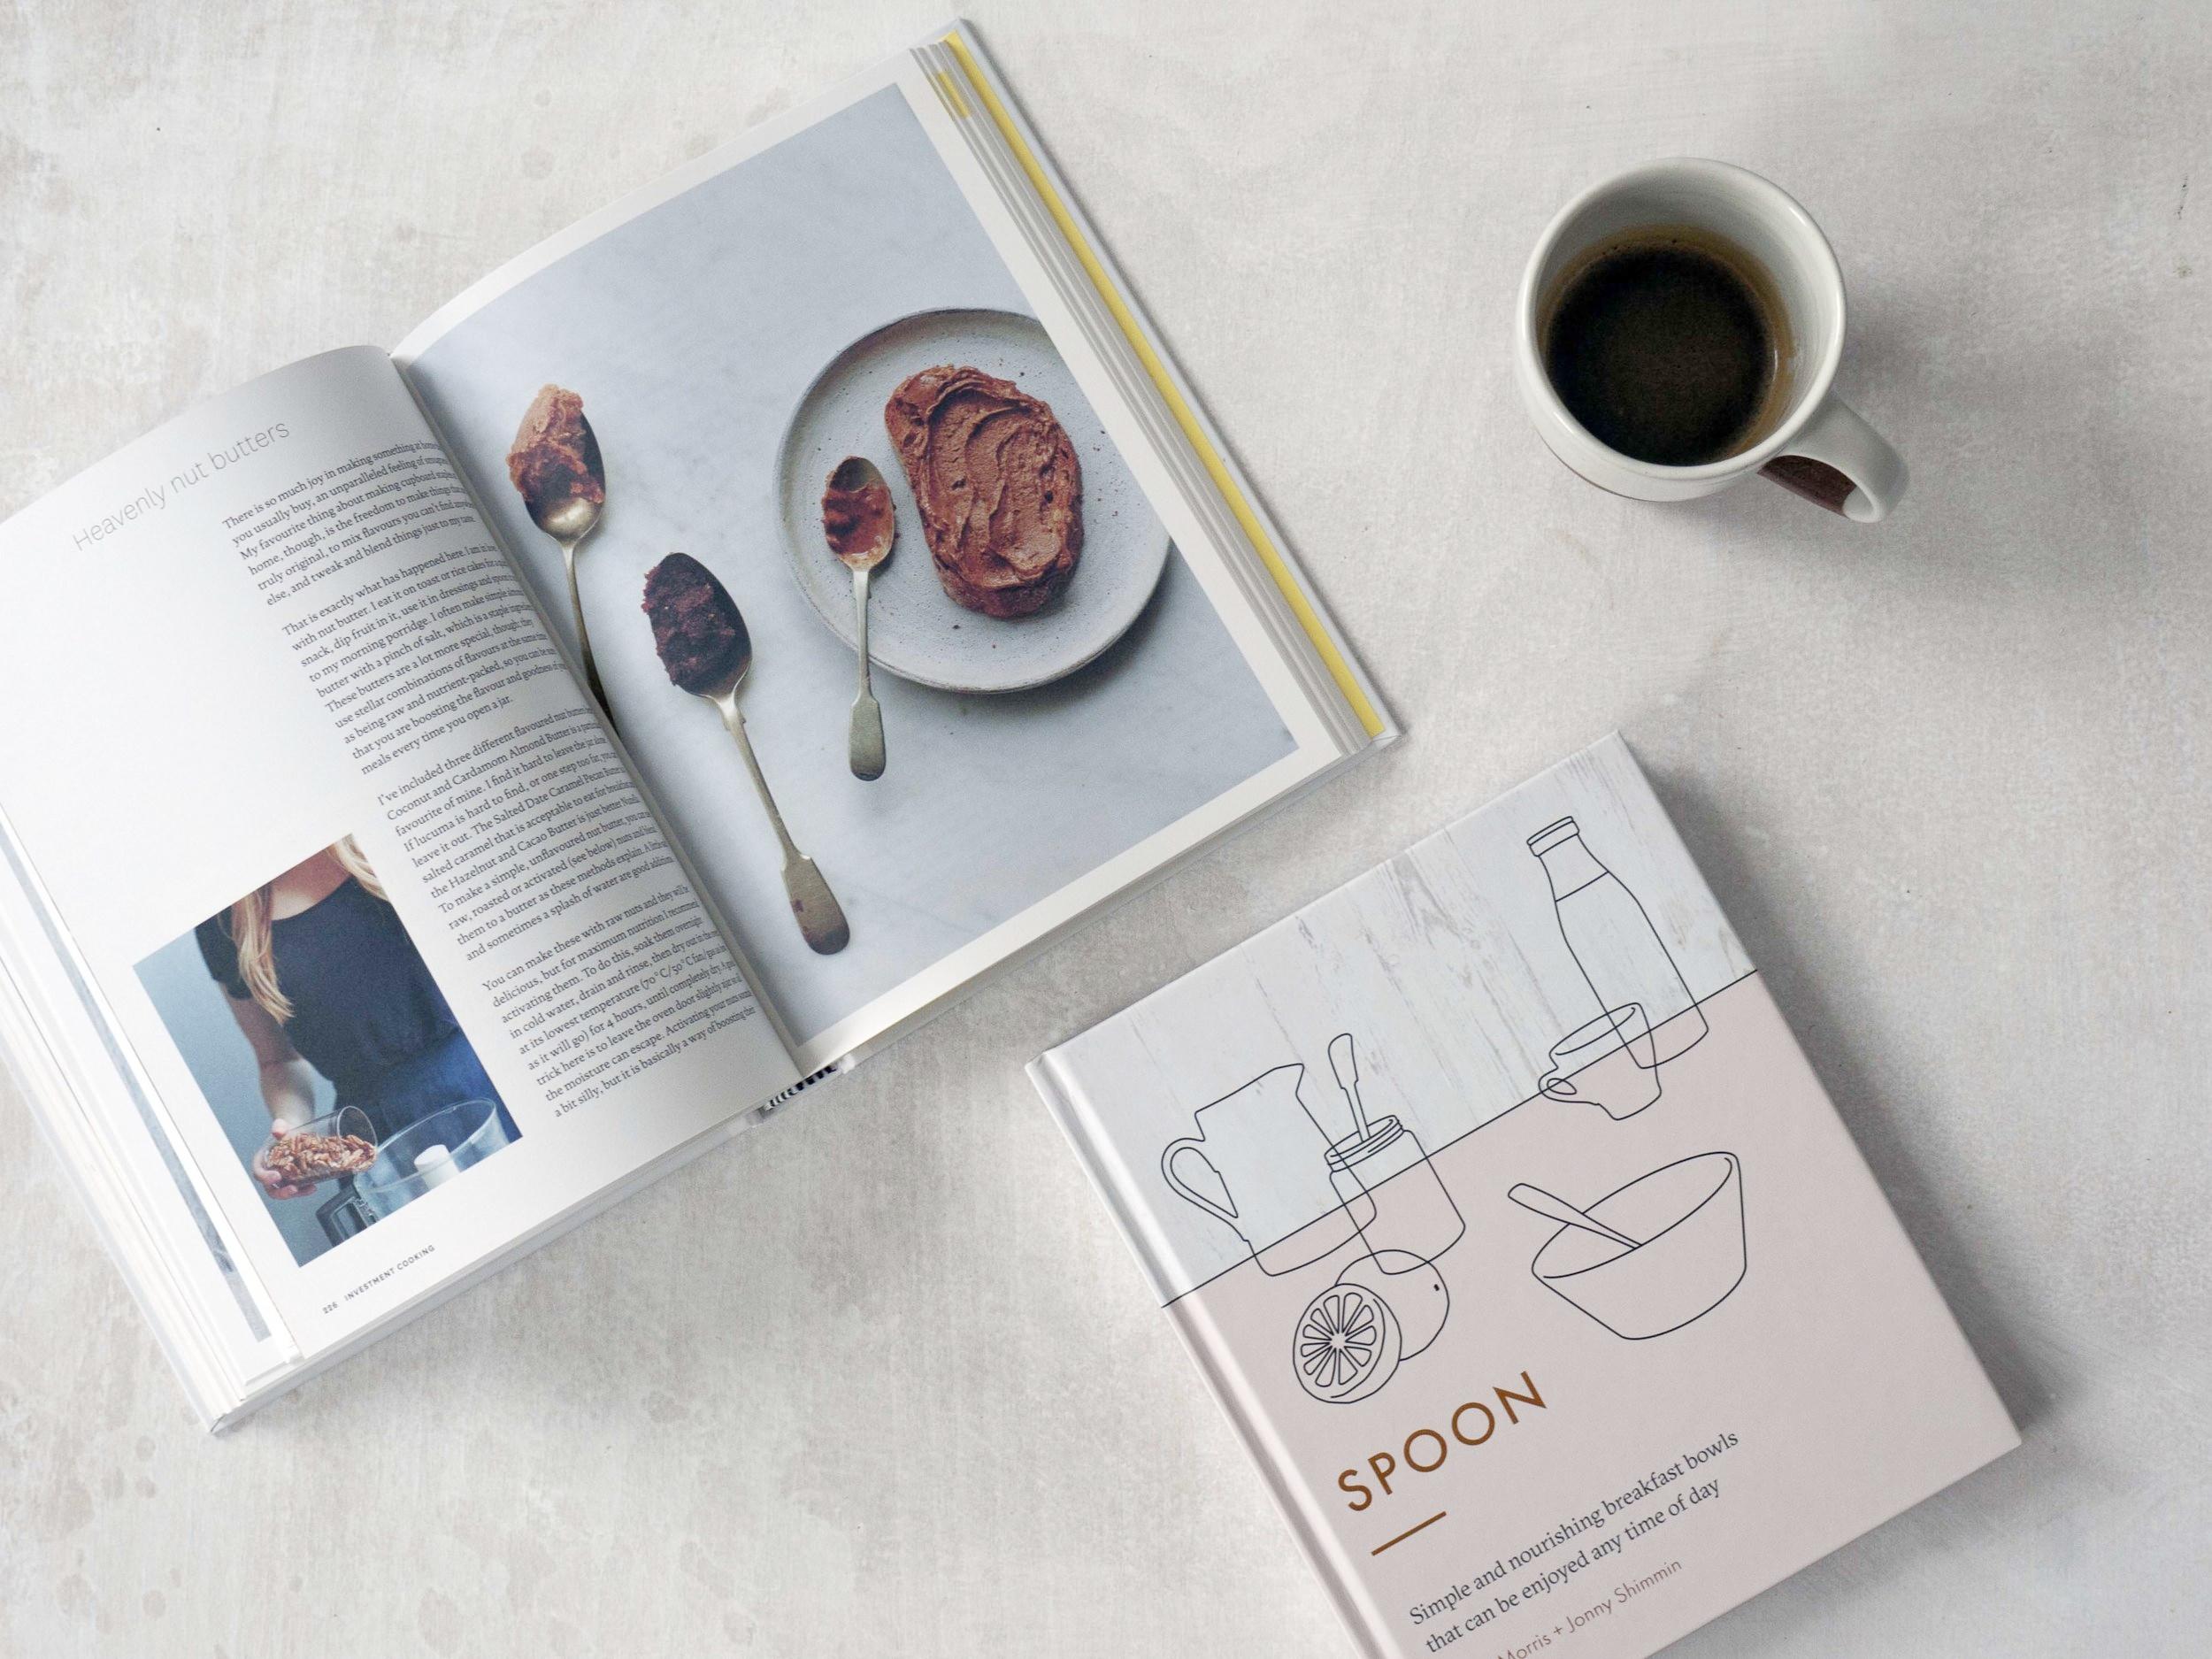 Spoon Cookbook giveaway - Anna Jones - image 3.jpg